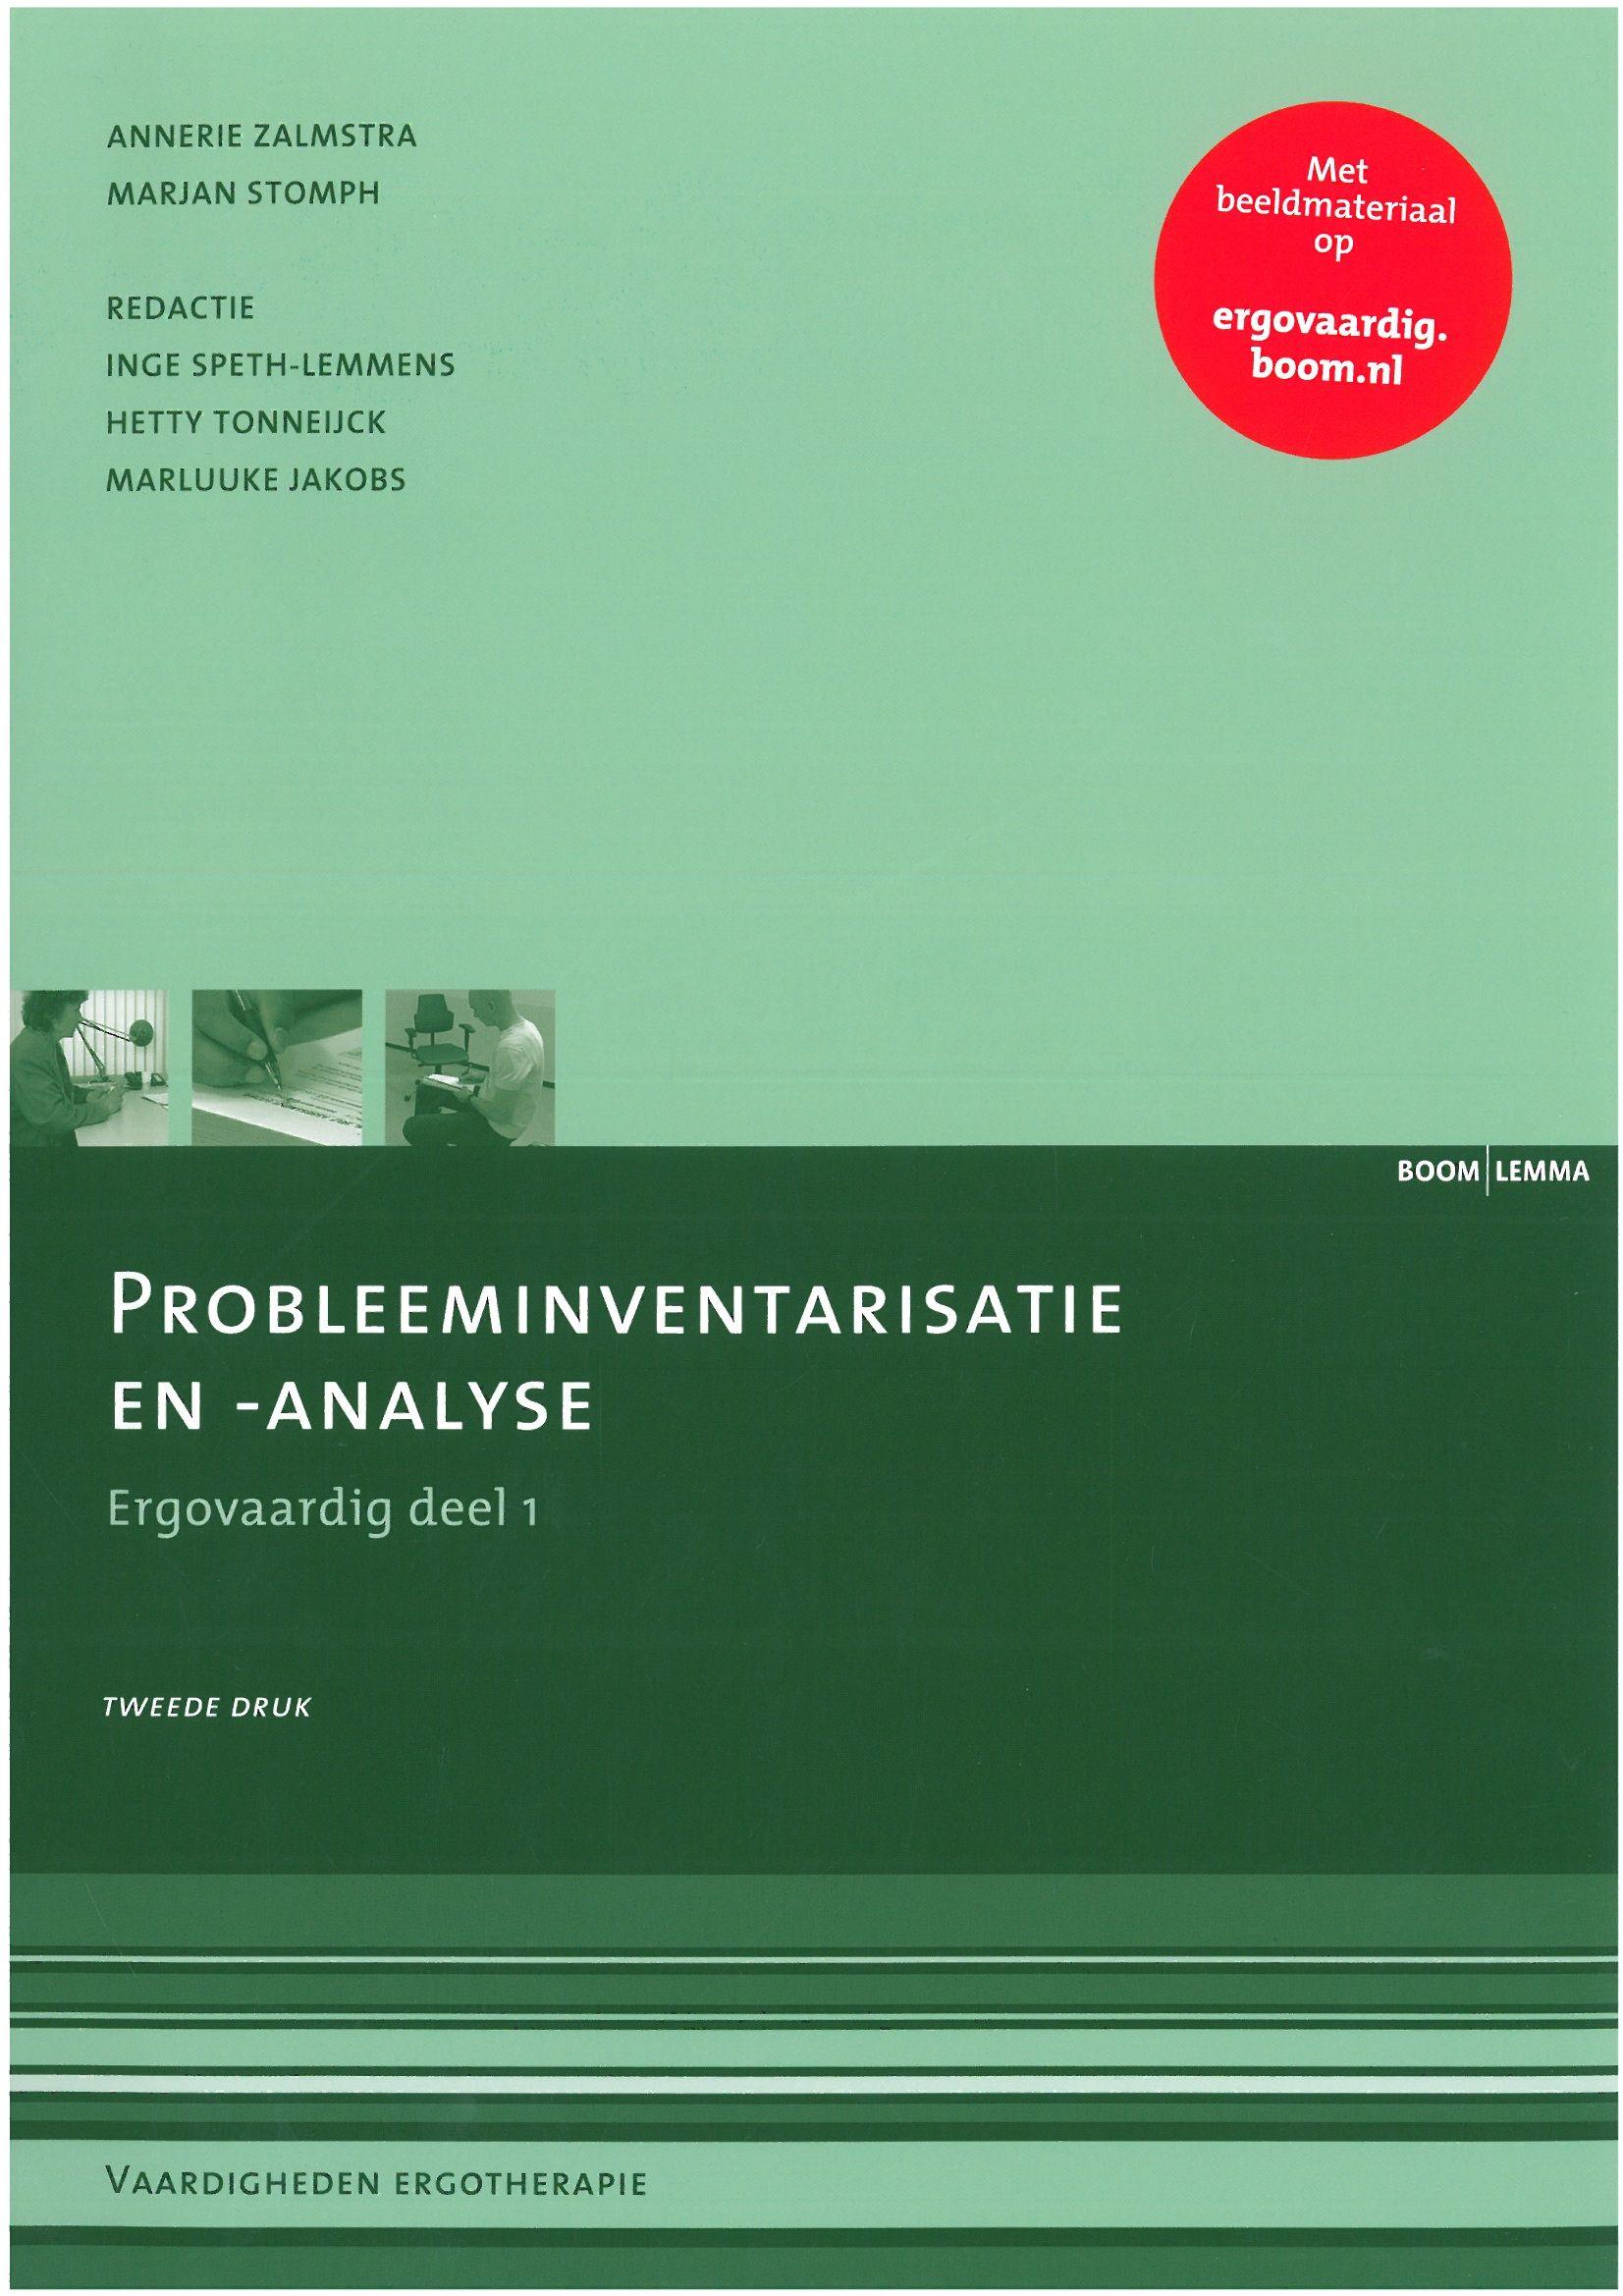 Zalmstra, Annerie. Probleeminventarisatie en -analyse: ergovaardig deel 1. Plaats: VESA 612.5 ZALM